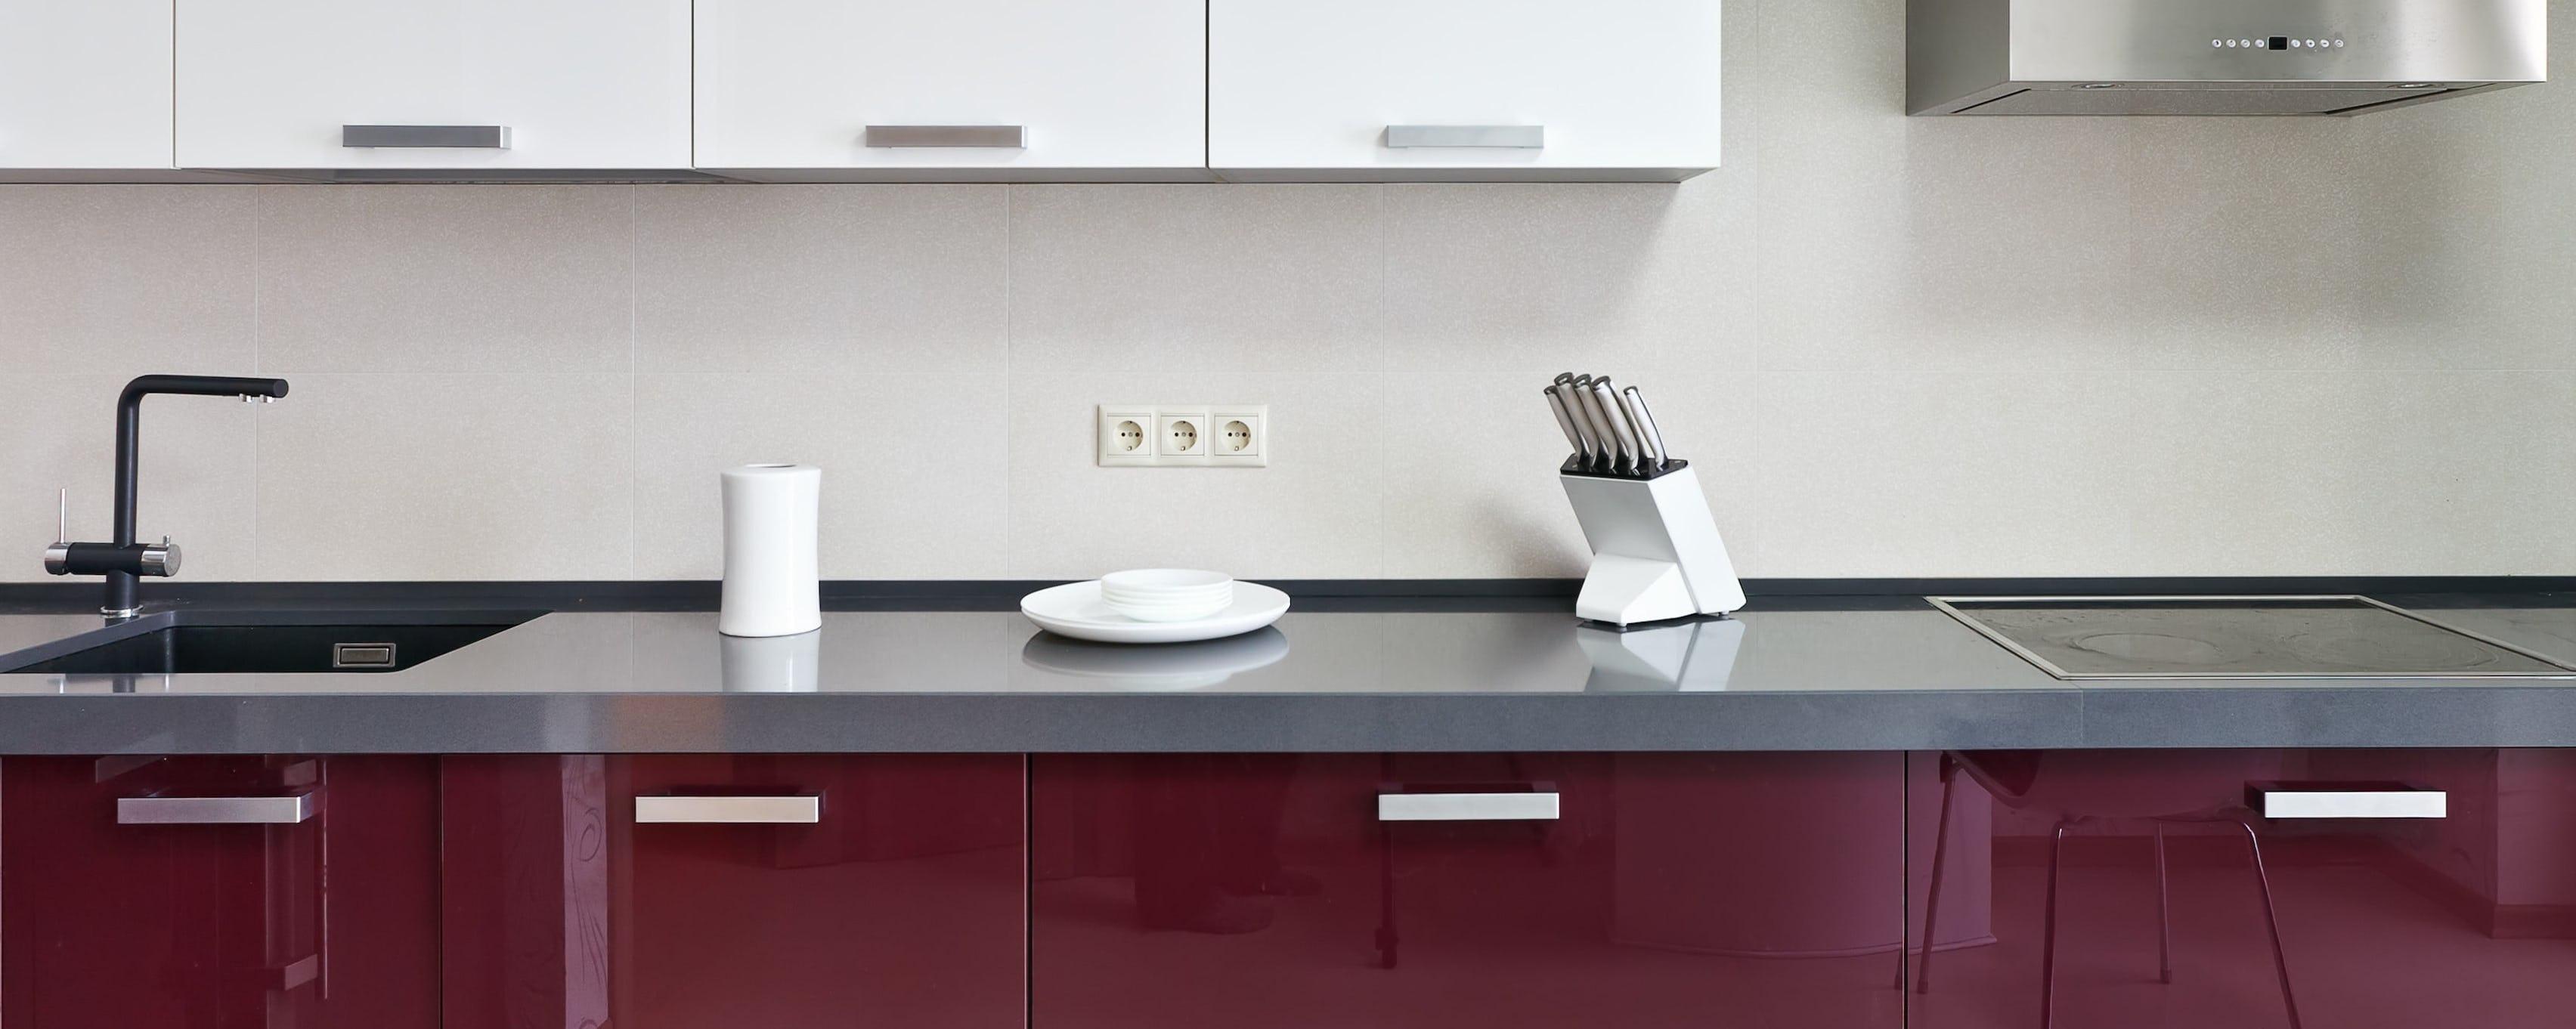 Refaire Les Meubles De Cuisine refaire sa cuisine sans changer les meubles